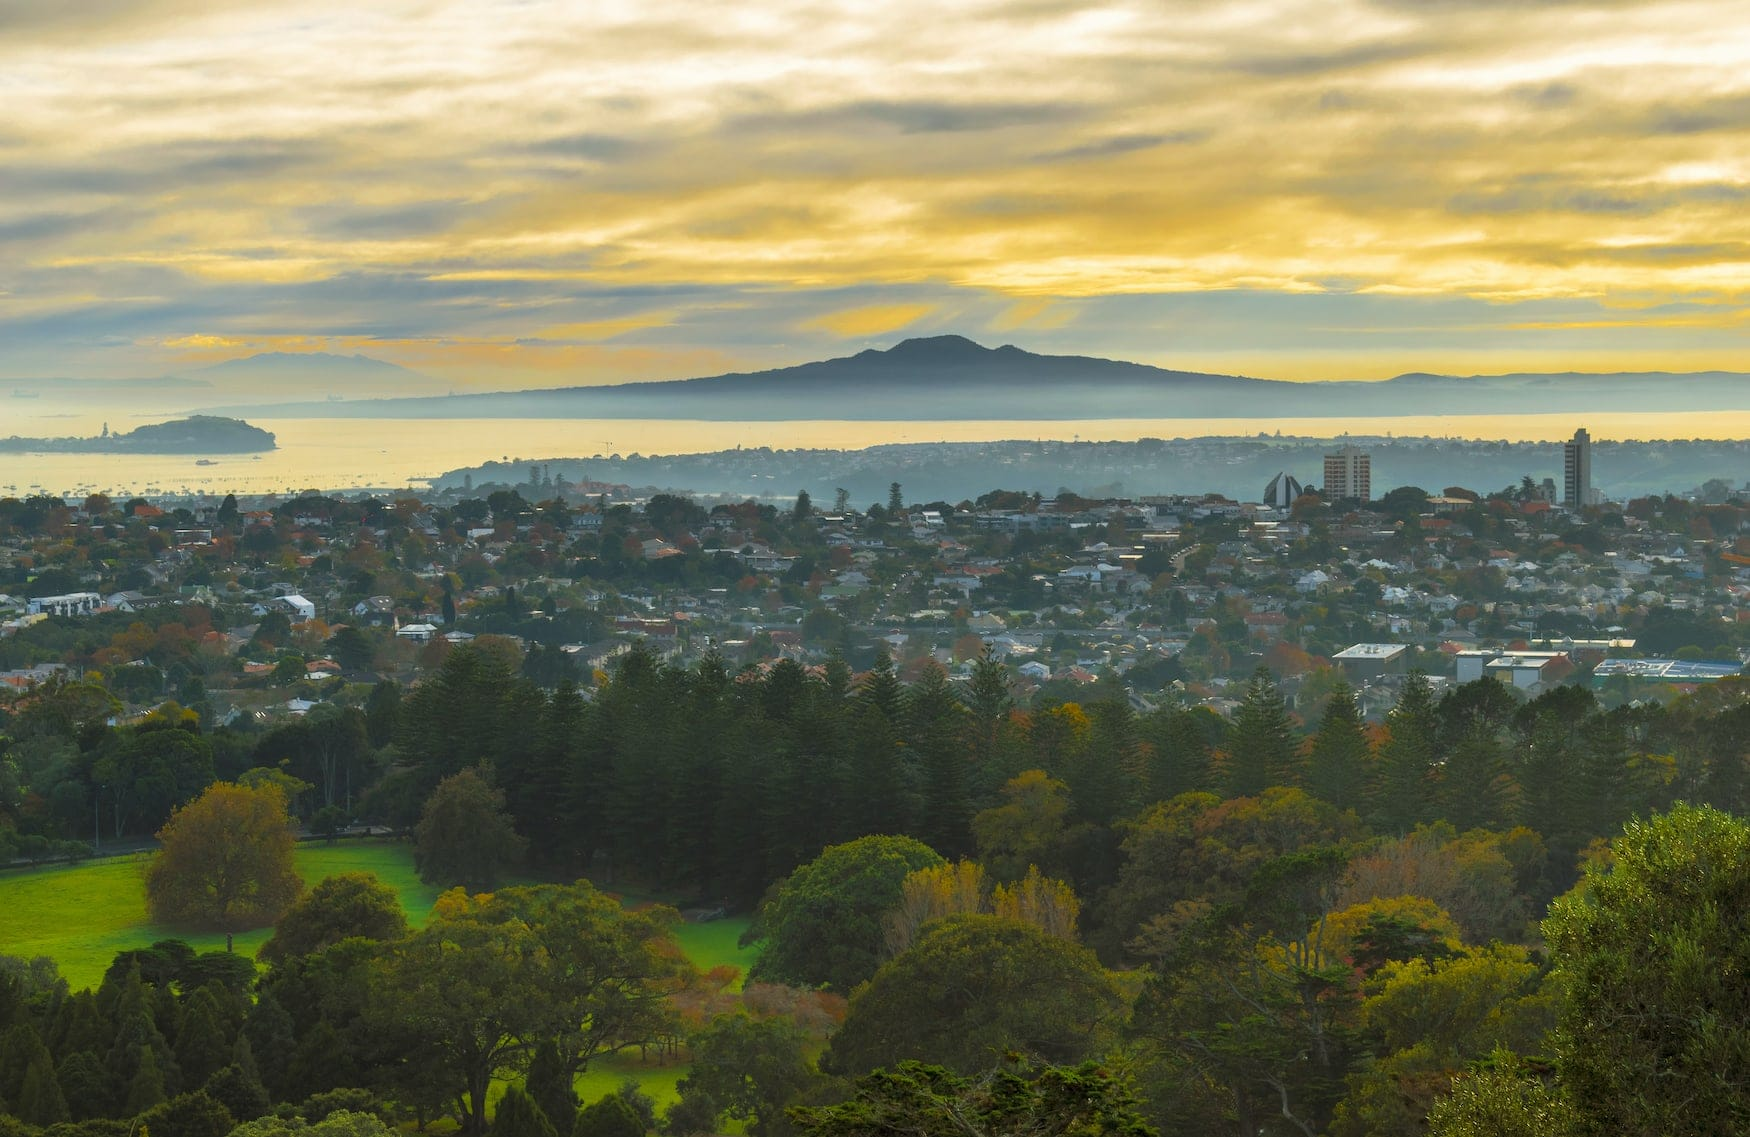 Blick von der Rangitoto Island auf Auckland, neuseeland